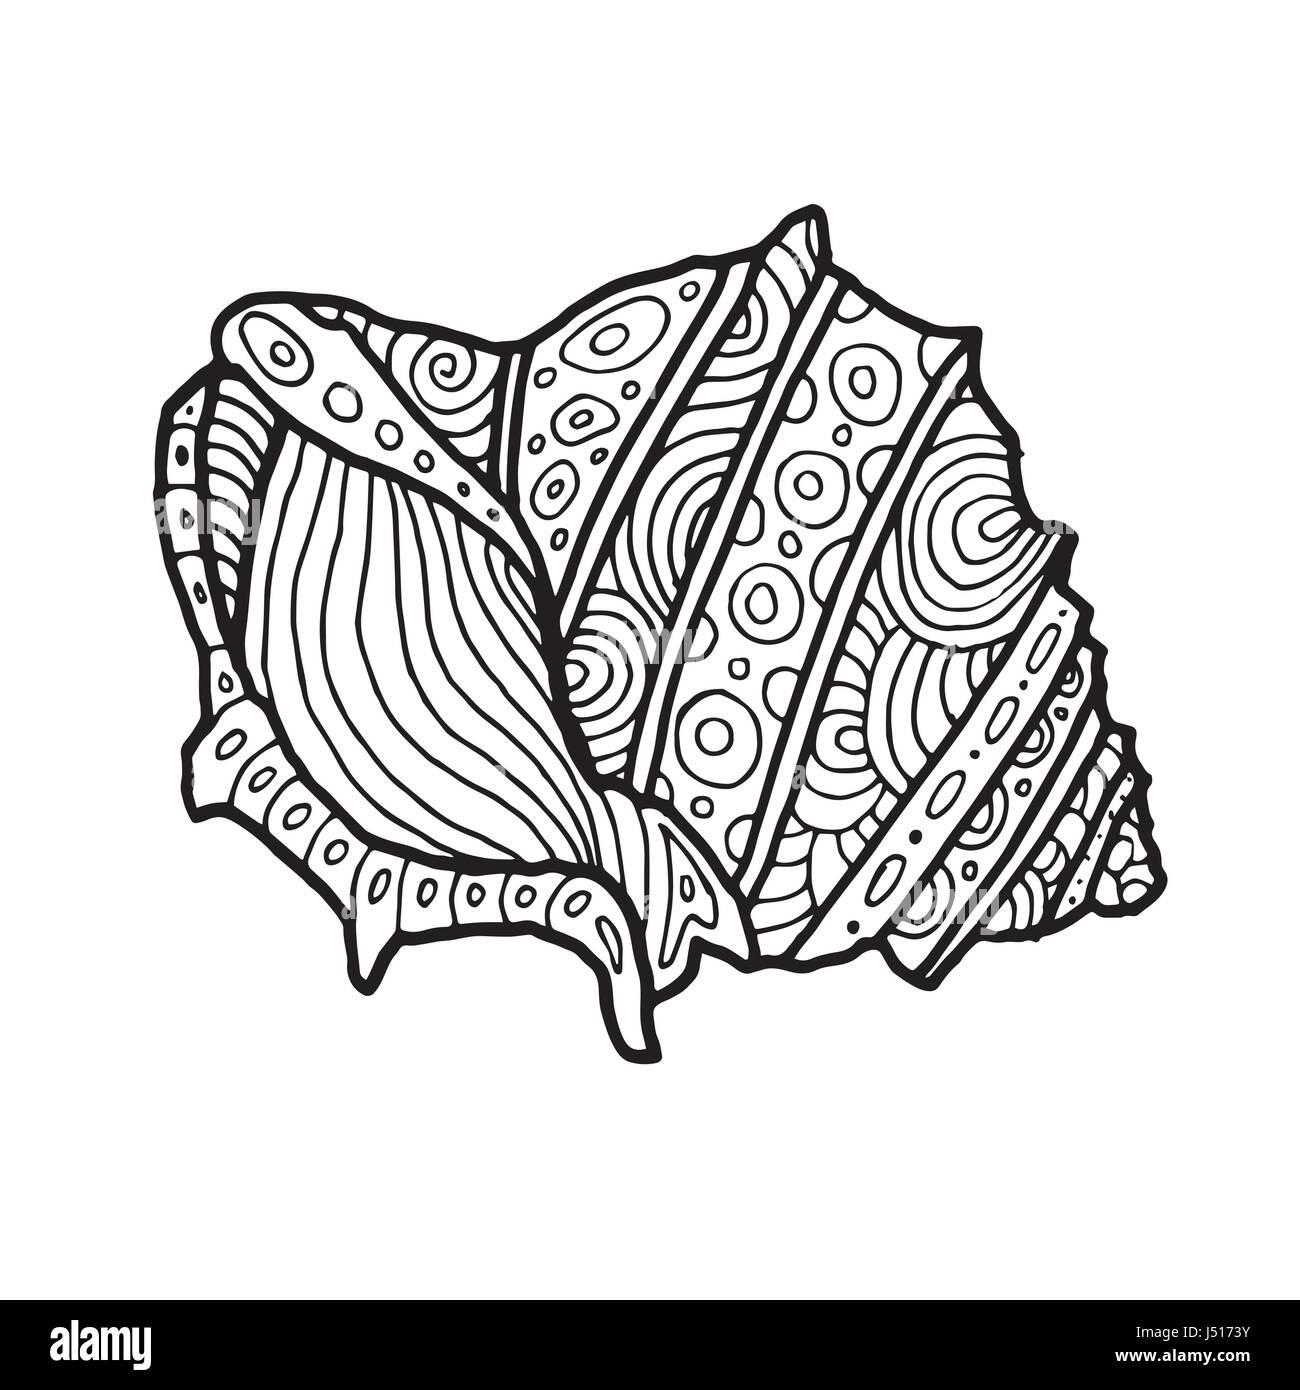 Coloriage Adulte Spirale.Zentangle Illustration Decorative De Coquillages De Mer Les Grandes